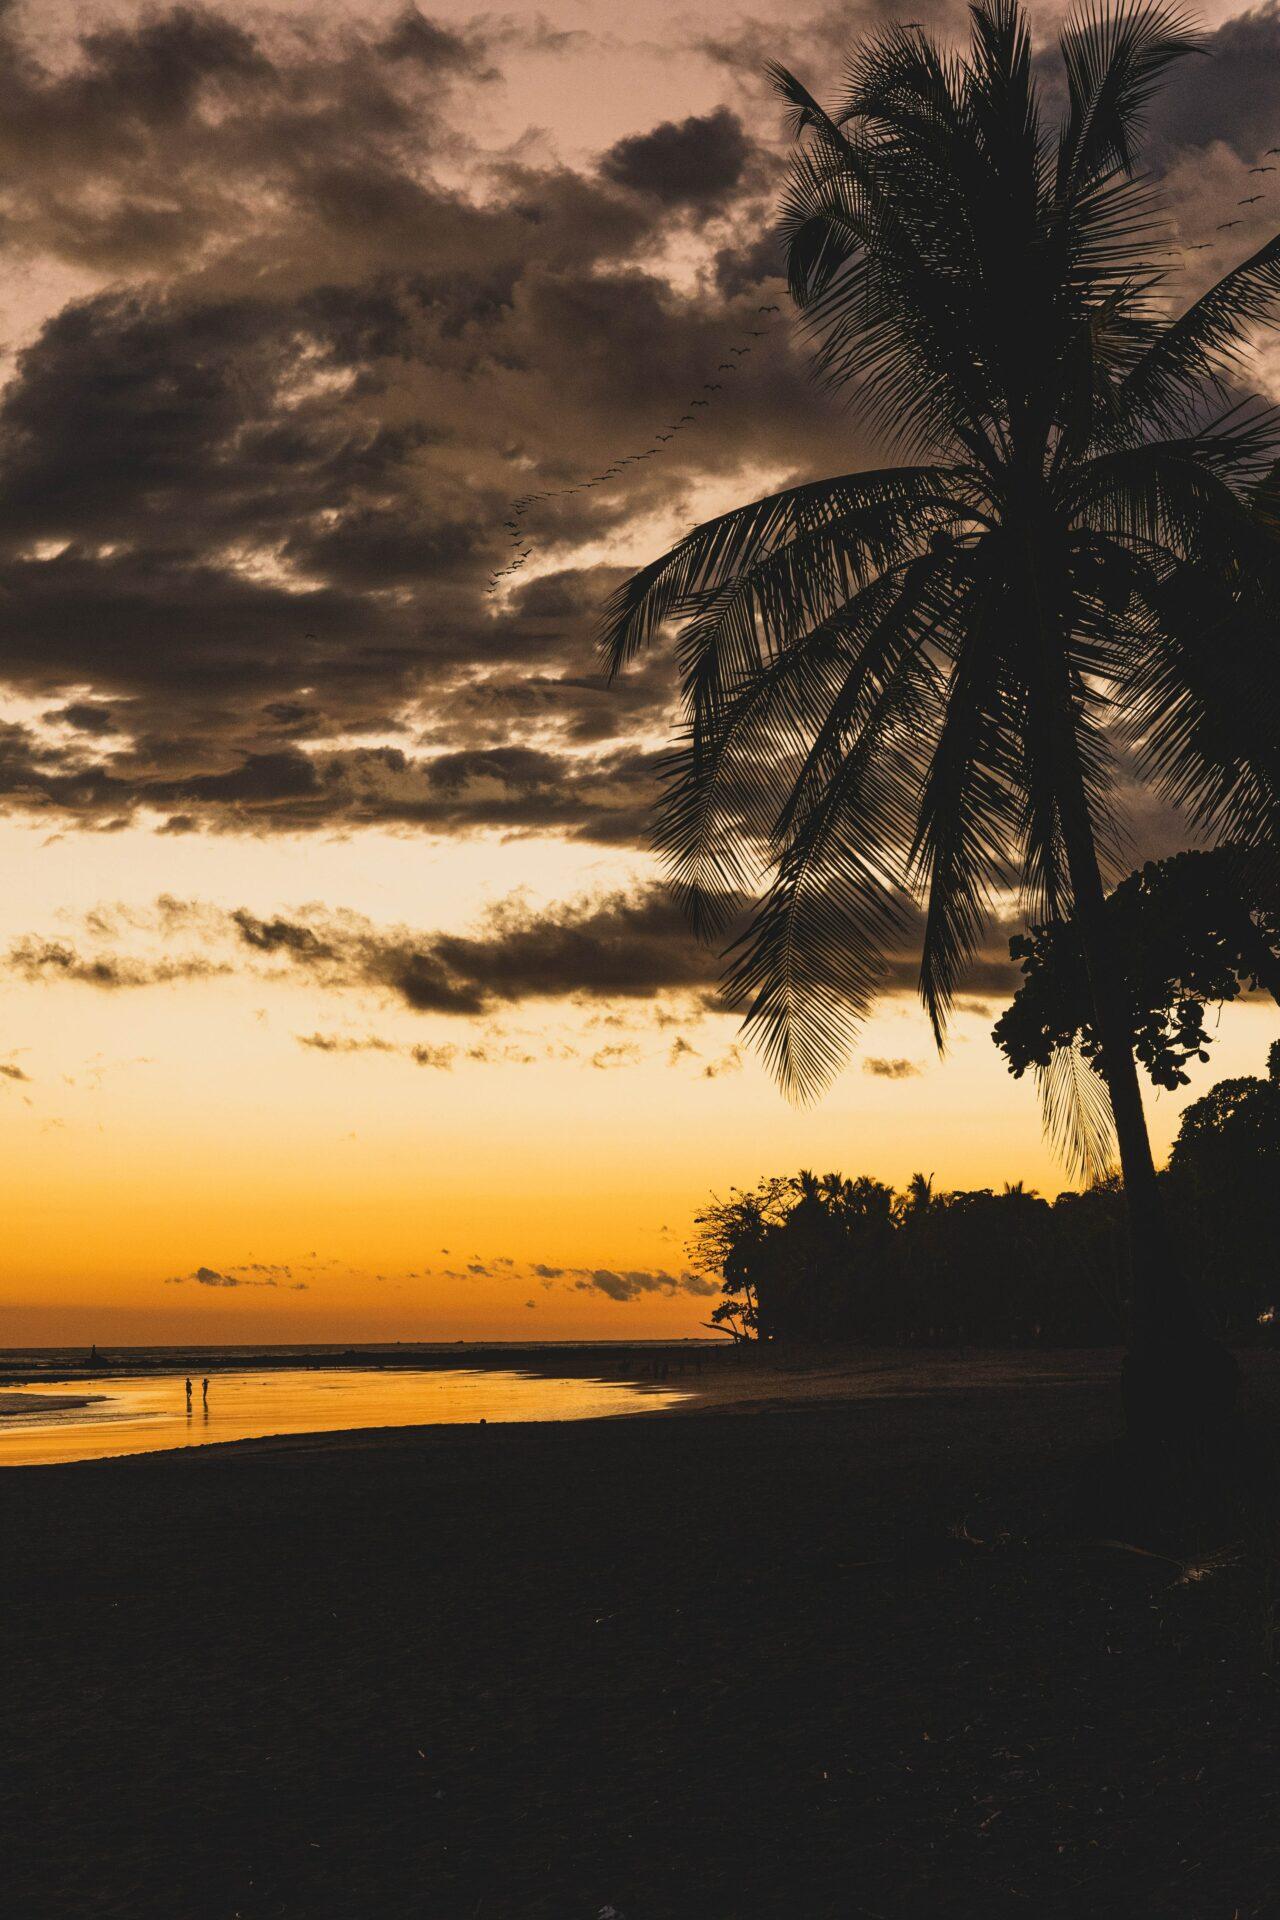 Duurzaam reizen in Costa Rica - Prachtige zonsondergang, verantwoord whale watching en toch de mogelijkheid om in de jungle te zitten, je vindt het allemaal aan de Pacific.